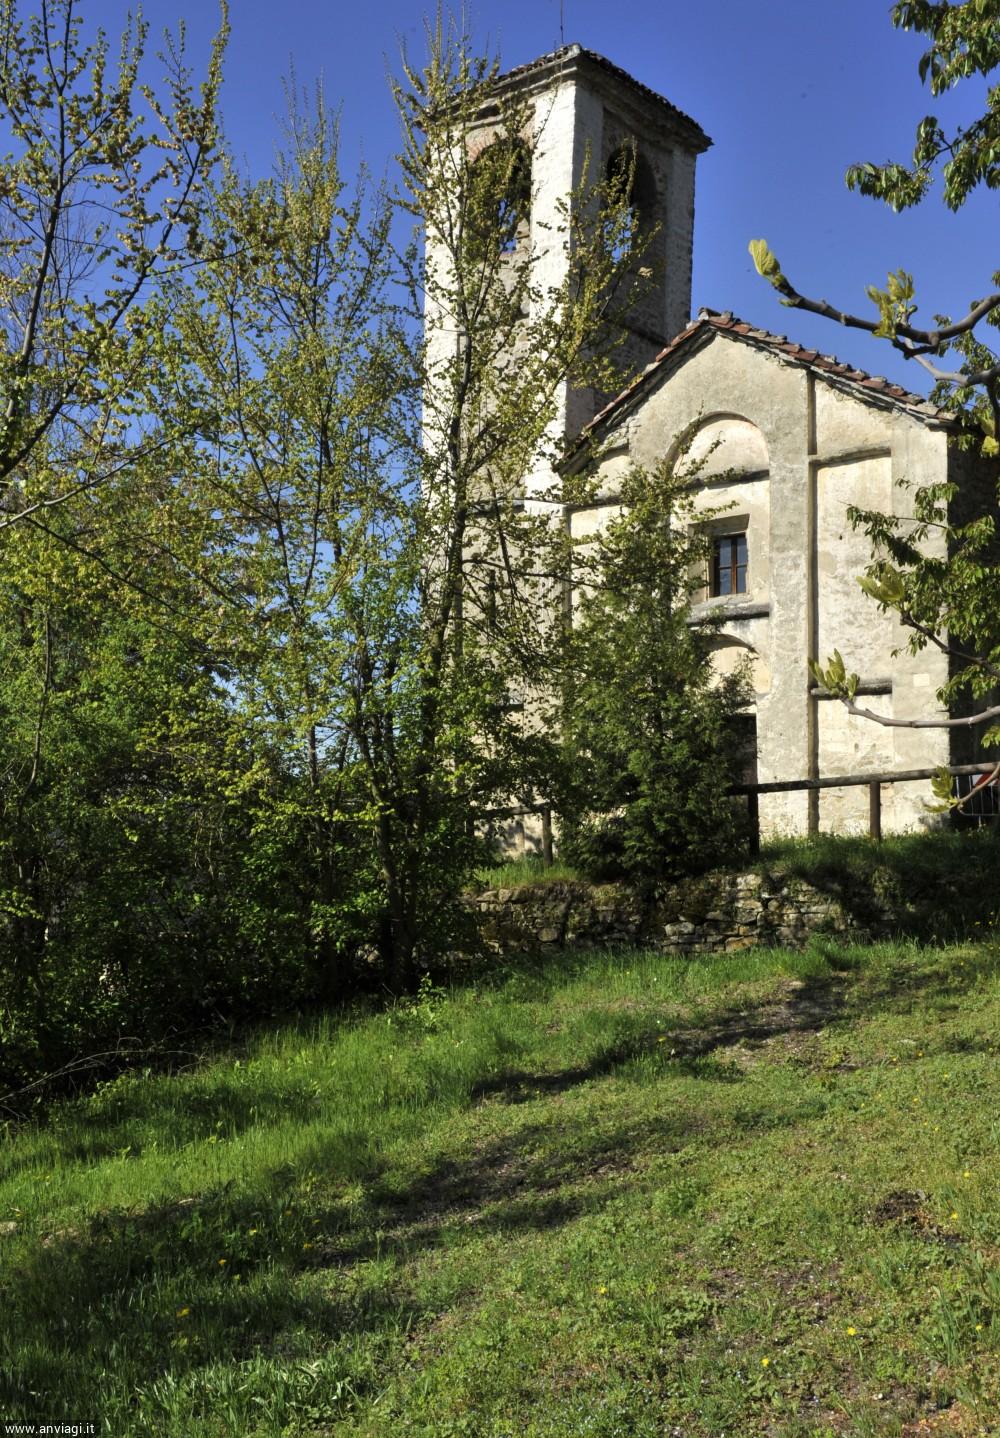 Facciata della chiesa di San Frontiniano a Arguello. <span class='photo-by'>Photo: Giulio morra.</span>